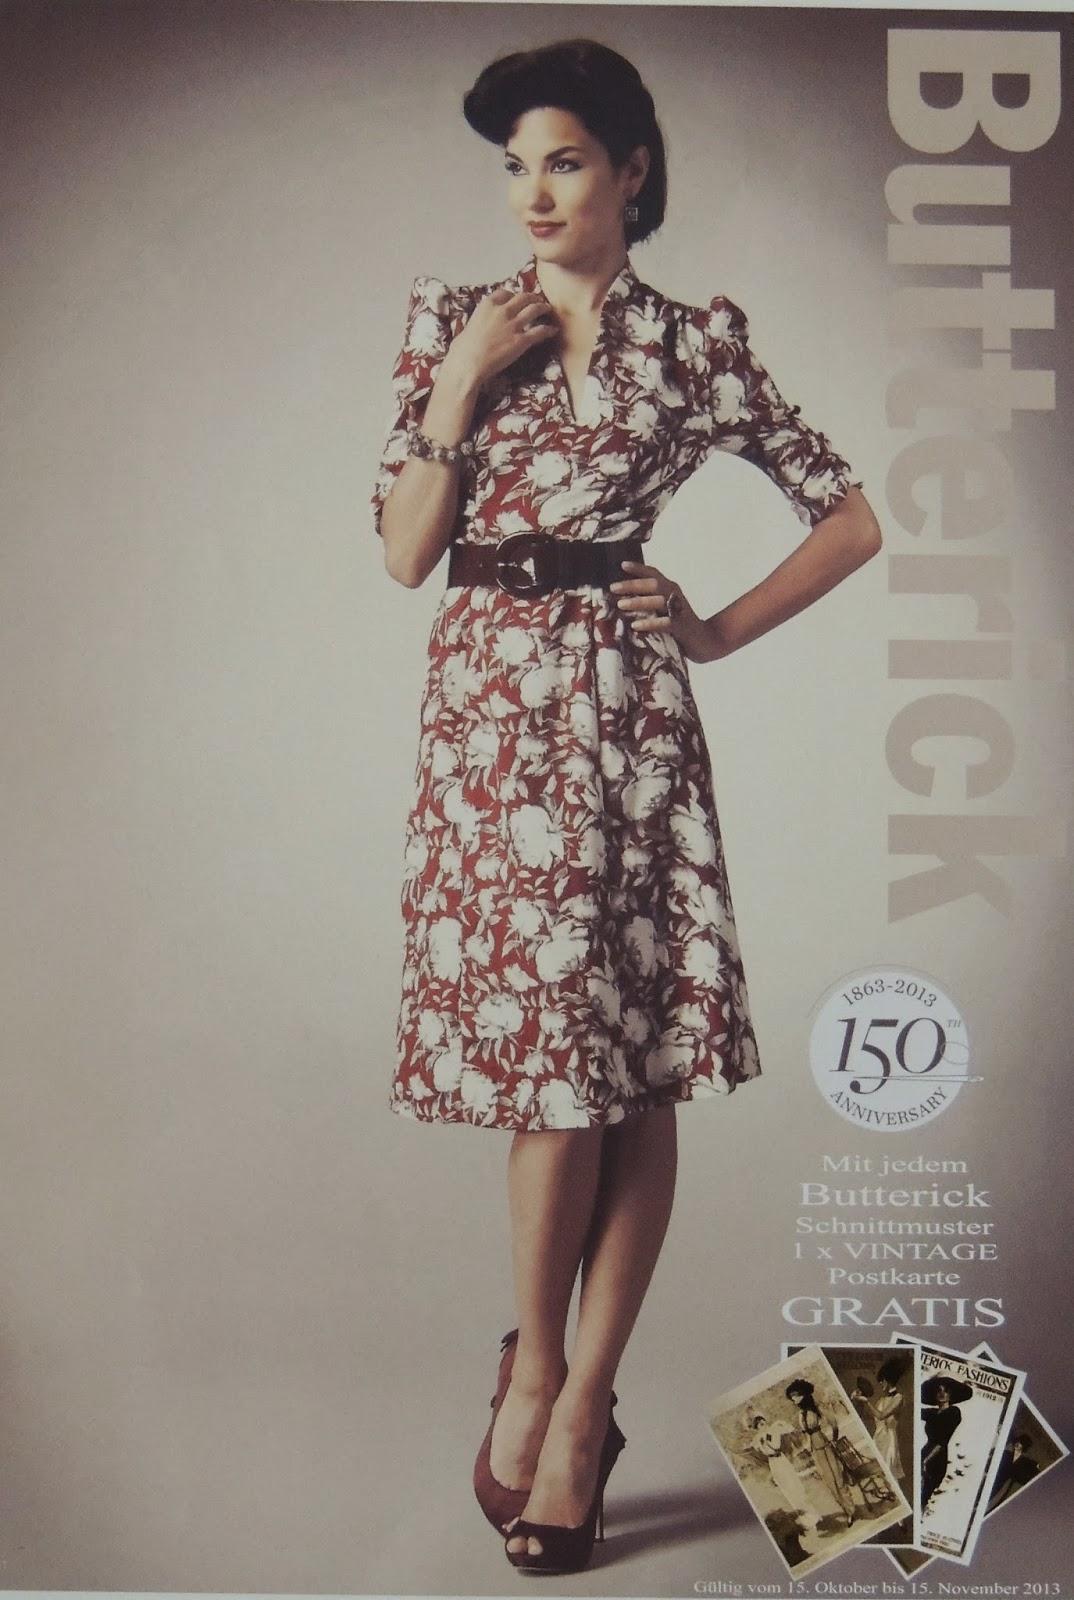 Schnittmuster kleid 40er jahre – Beliebte Kleidermodelle 2018